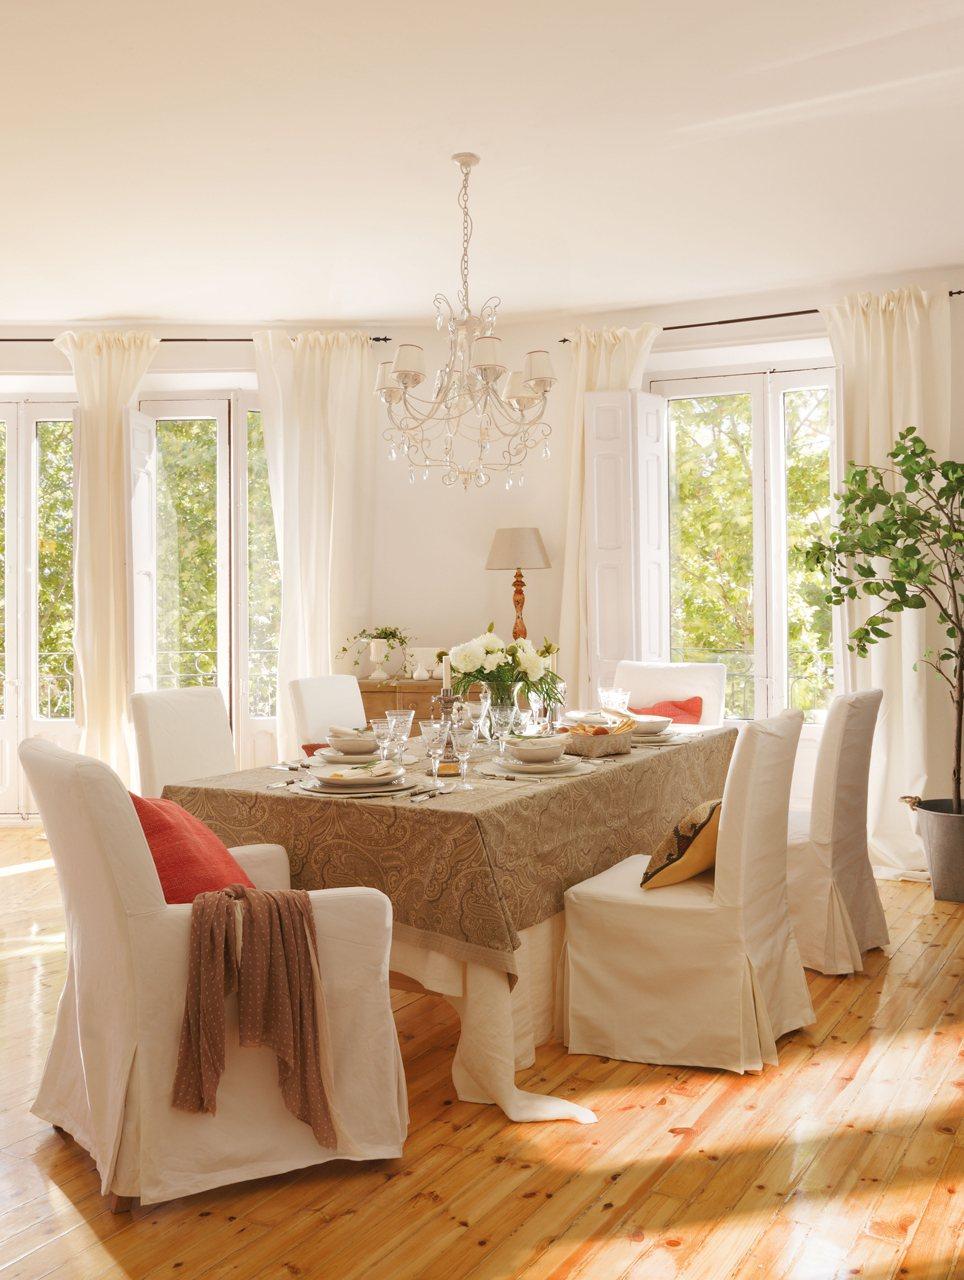 Consejos para decorar el comedor - Decorar muebles con tela ...